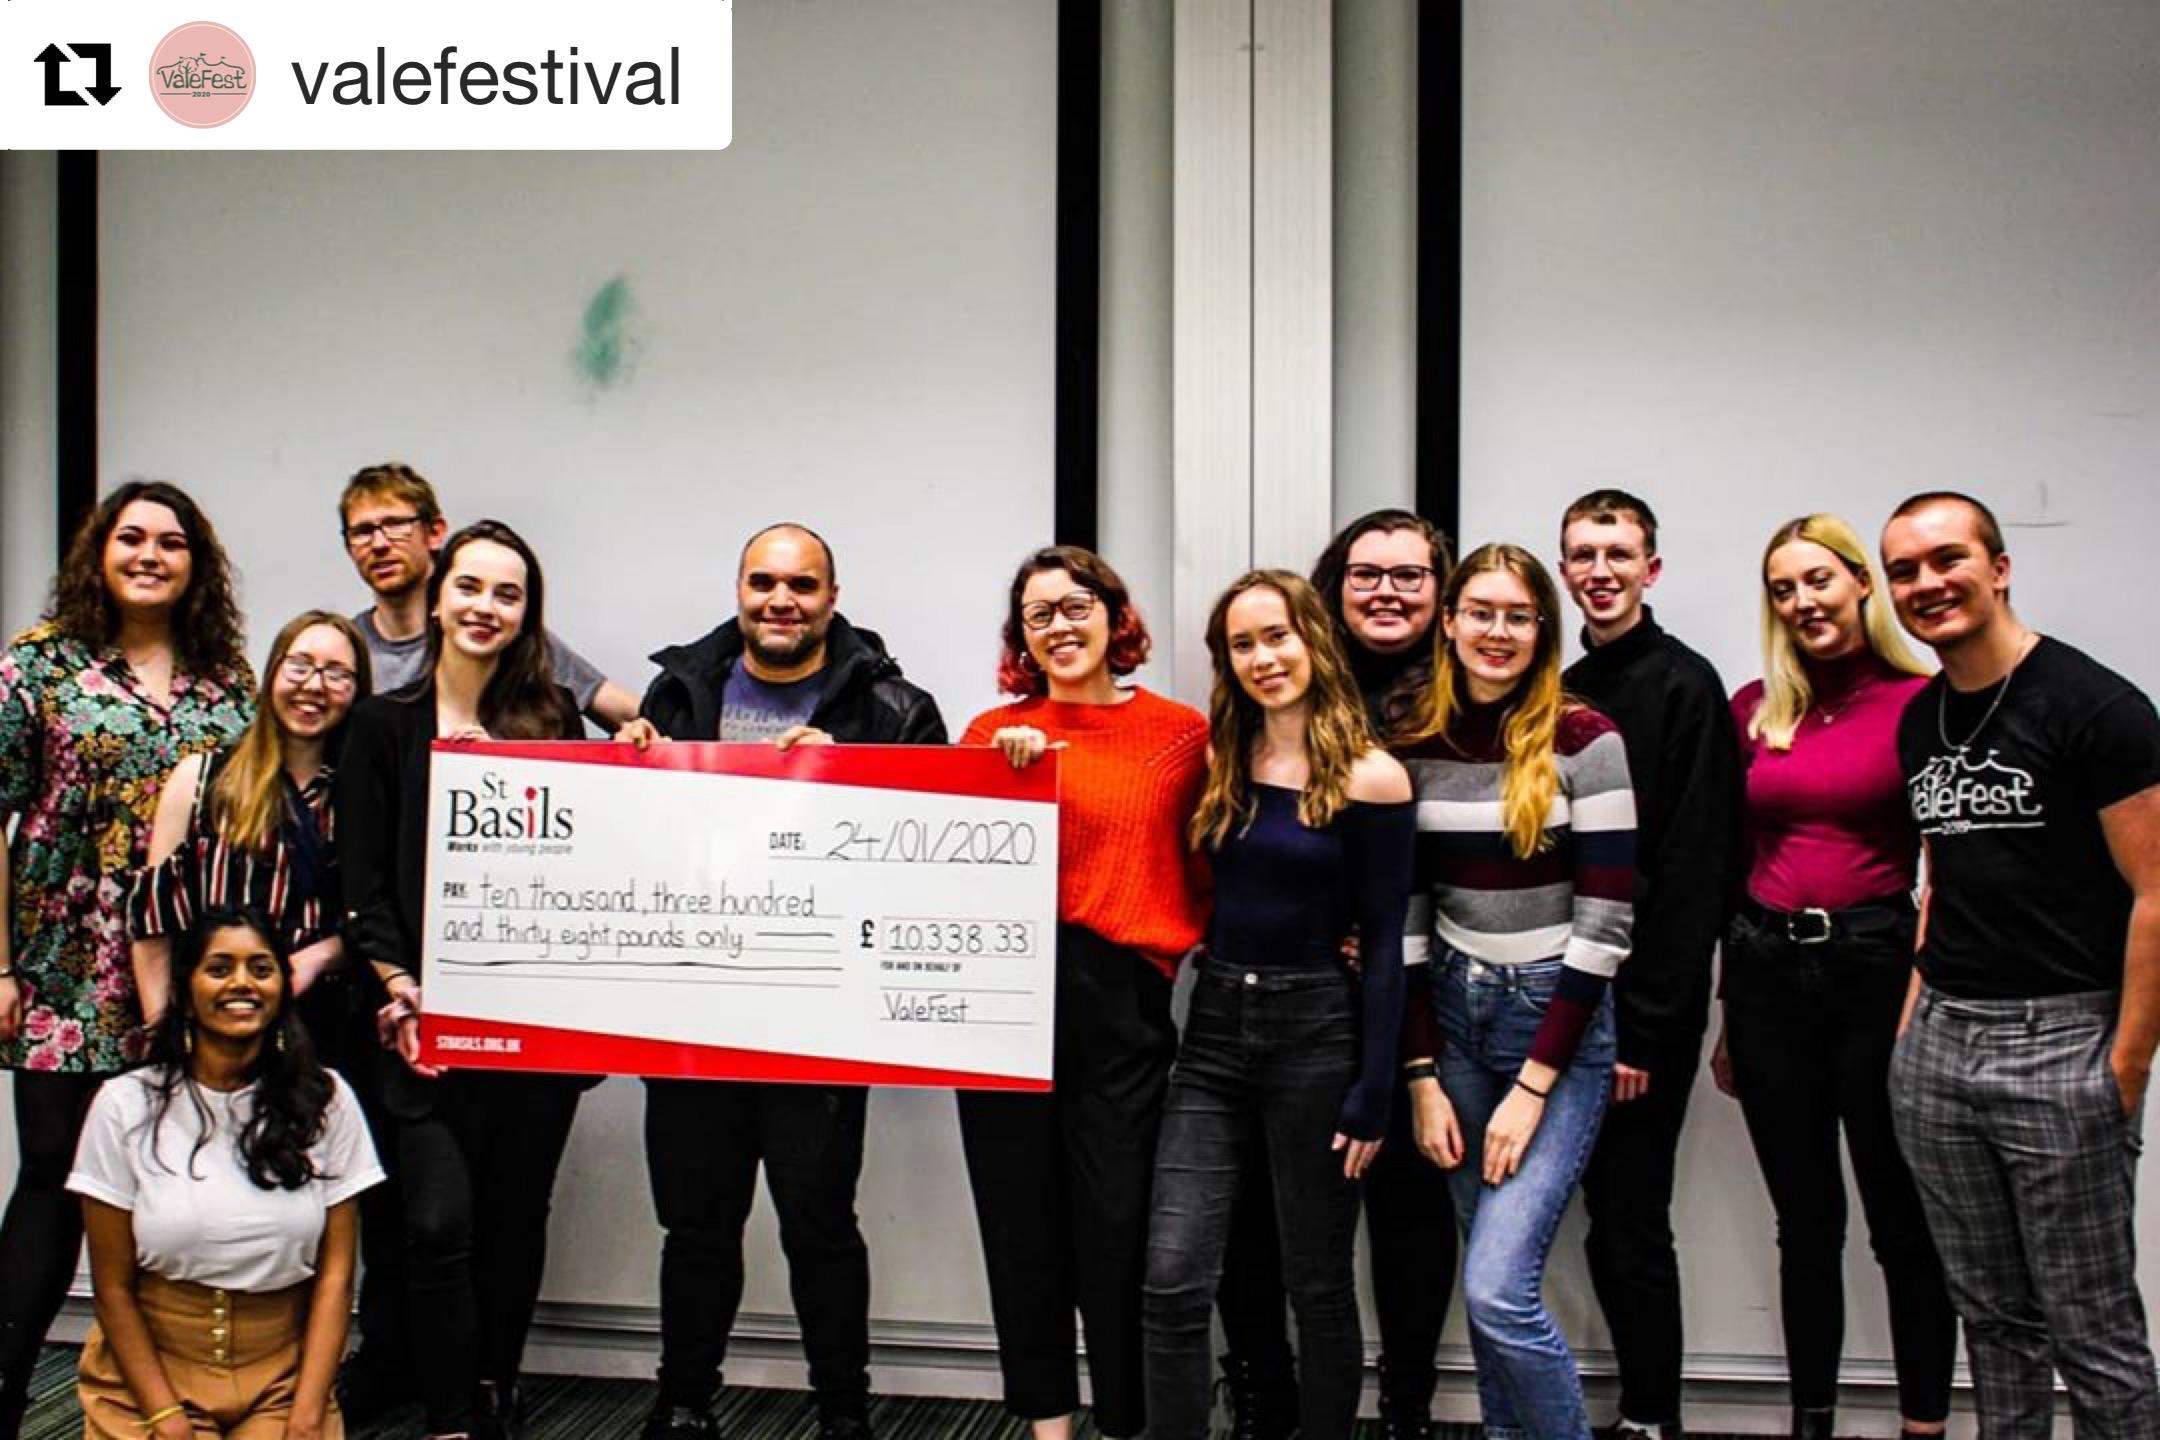 University of Birmingham student's Vale Festival raises over £10K for St Basils!